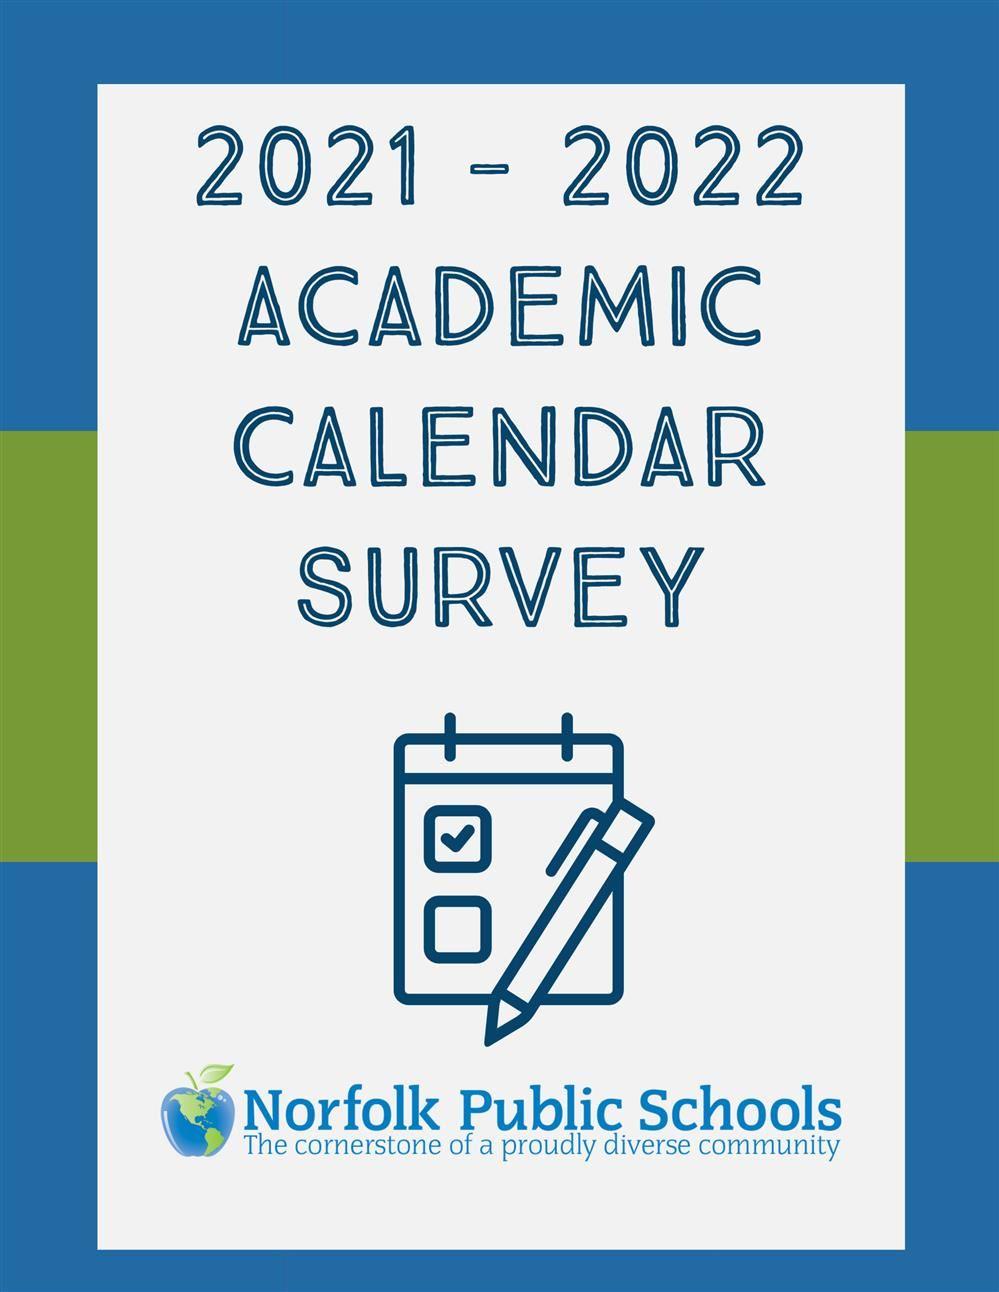 Norfolk Public Schools Calendar 2021-2022 Headlines & Features